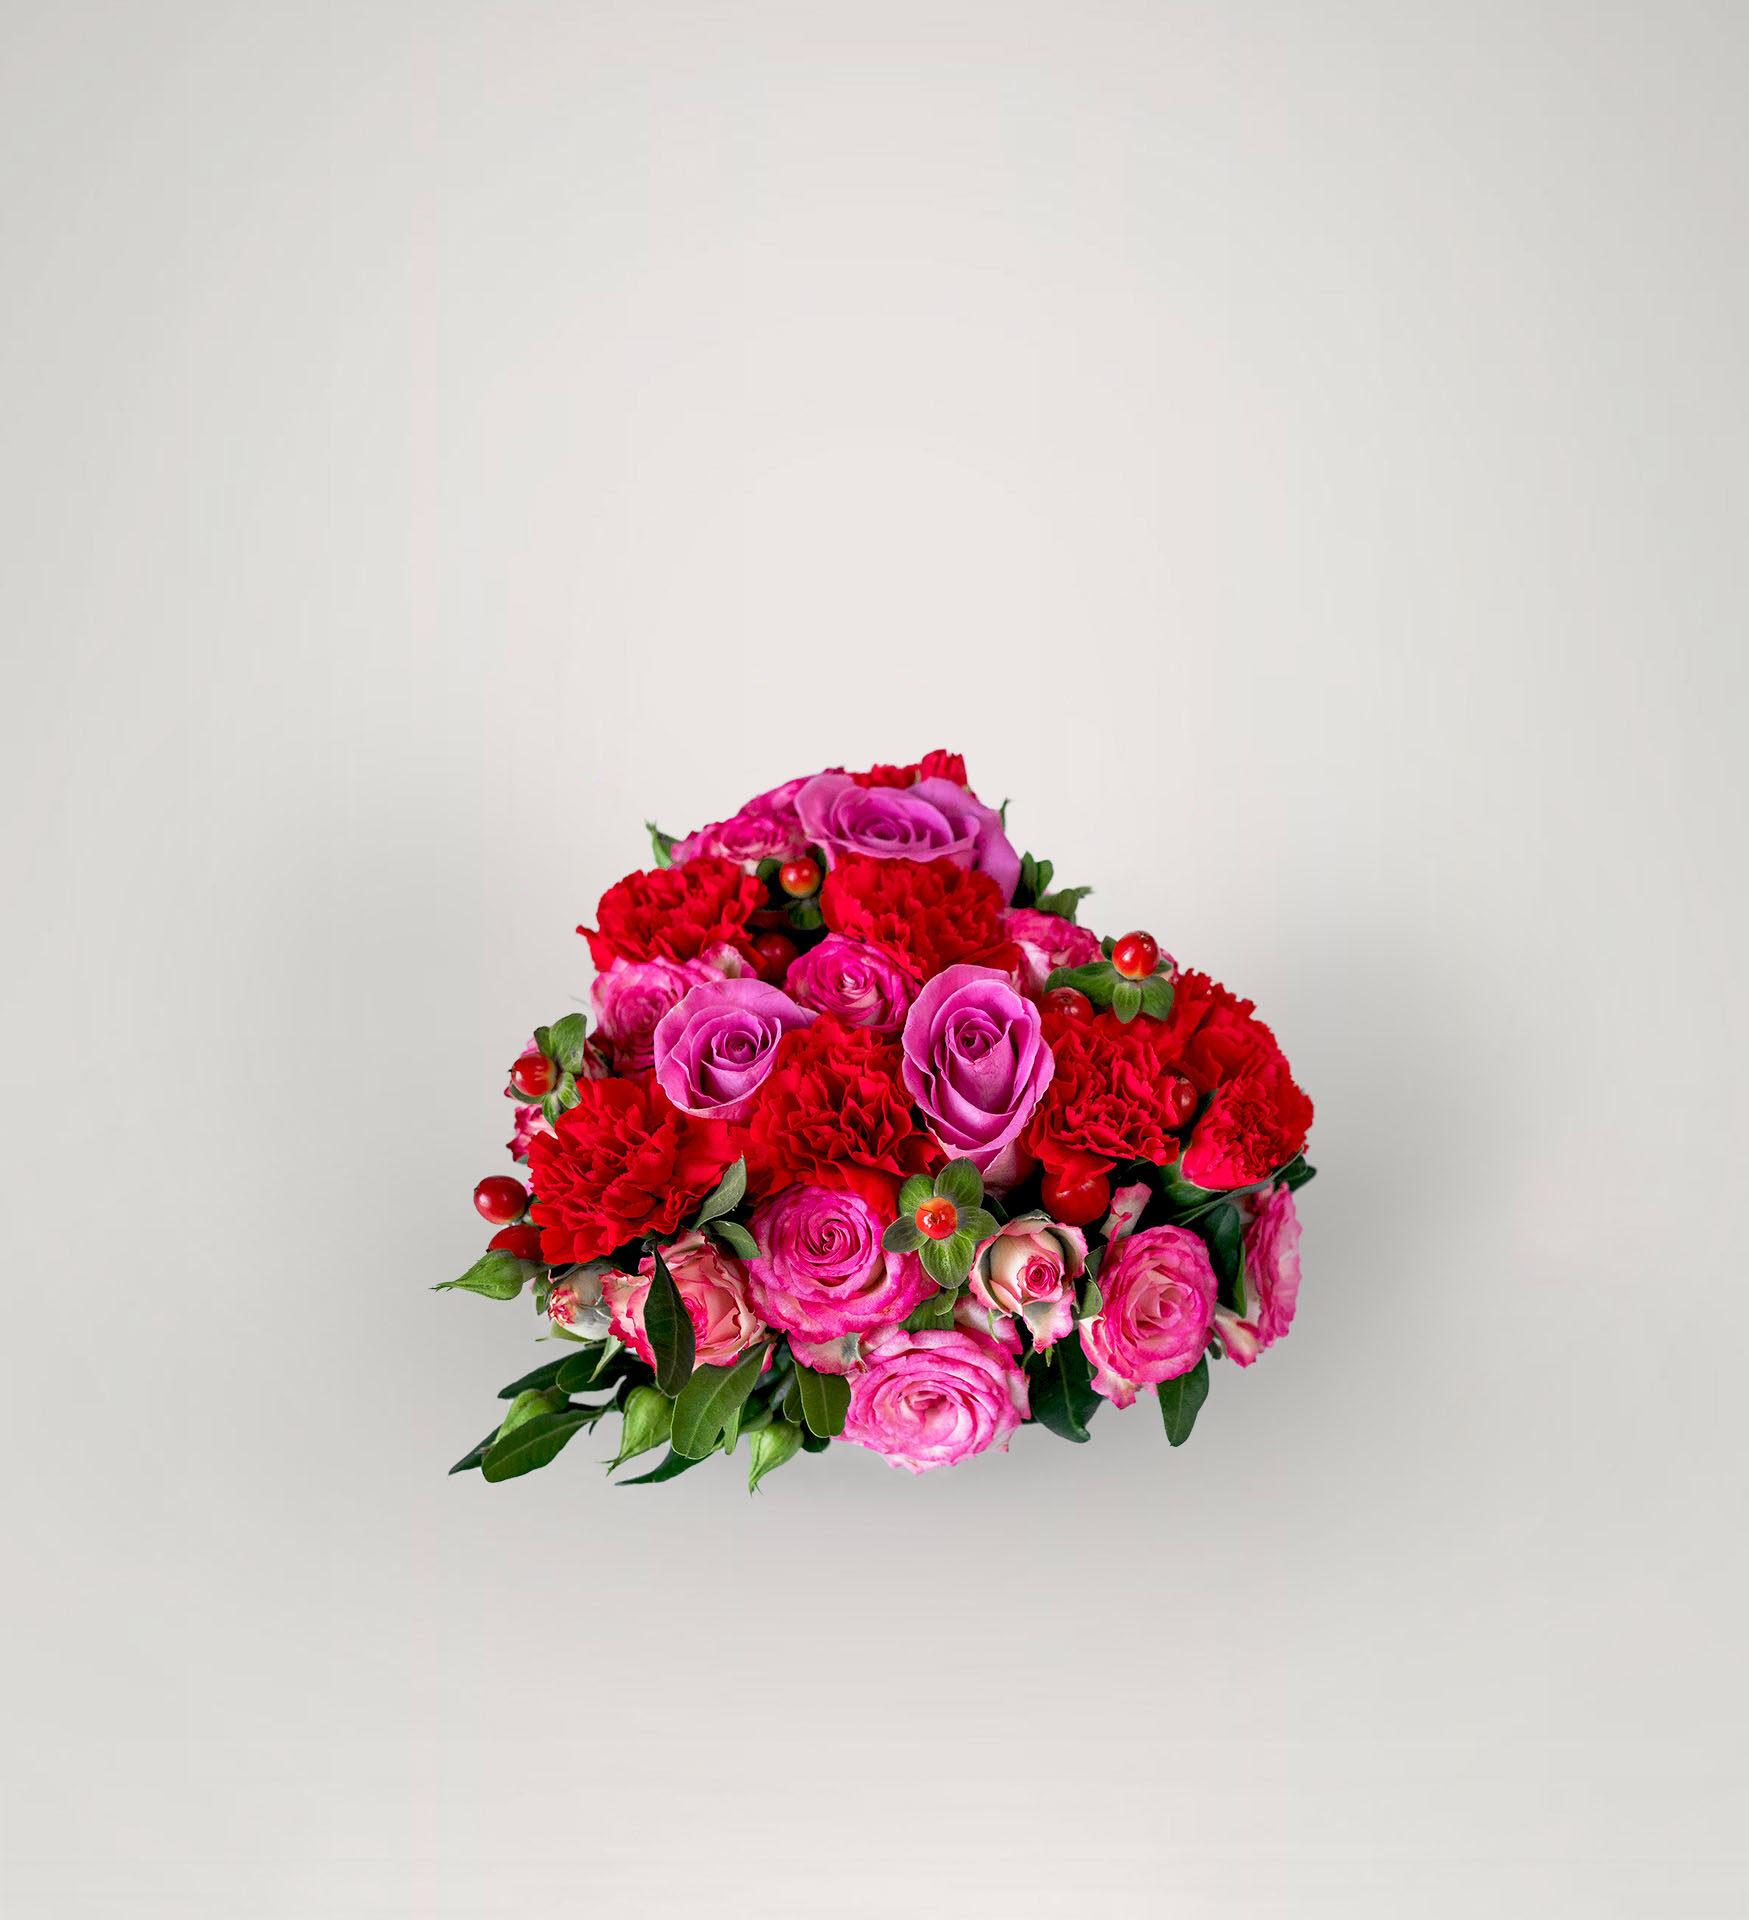 Maža širdies formos gėlių kompozicija